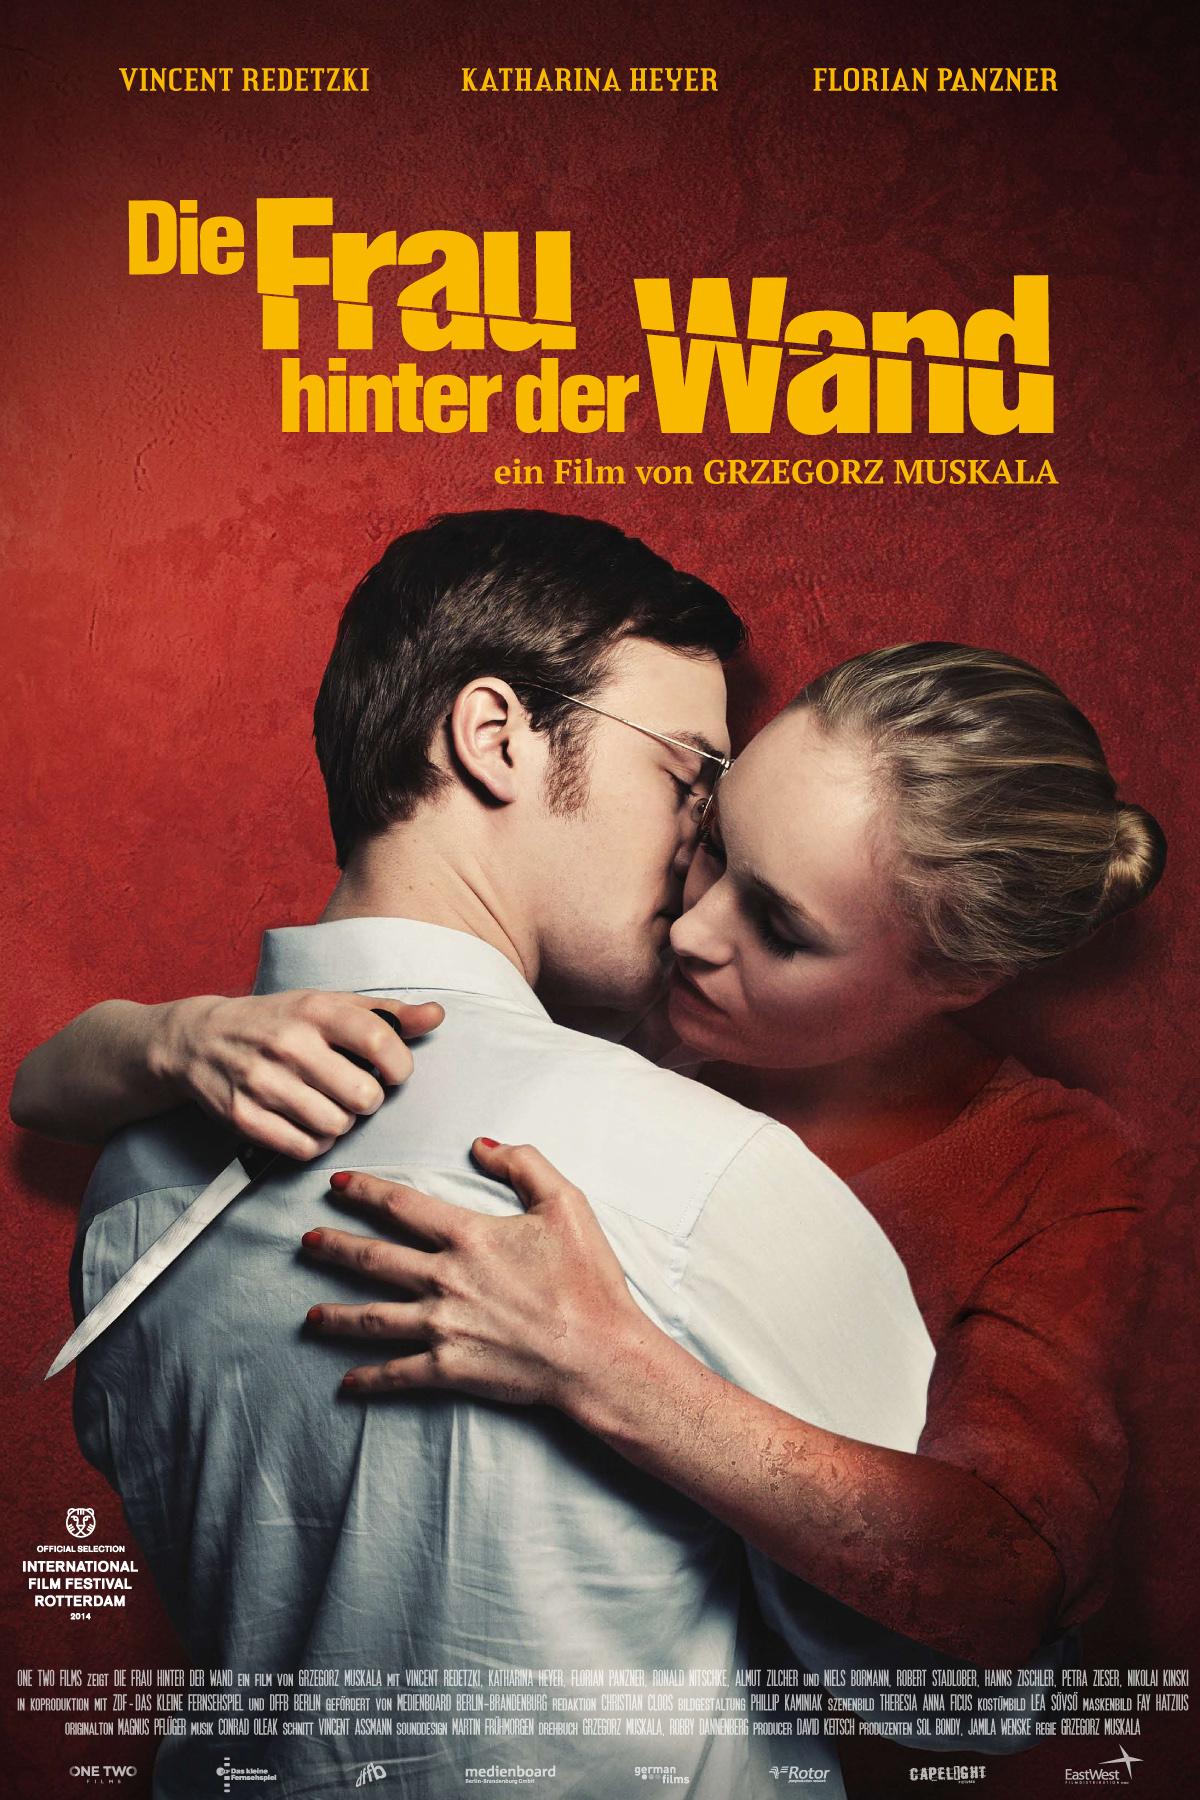 2013_DIE_FRAU_HINTER_DER_WAND_One_Two_Films.jpg